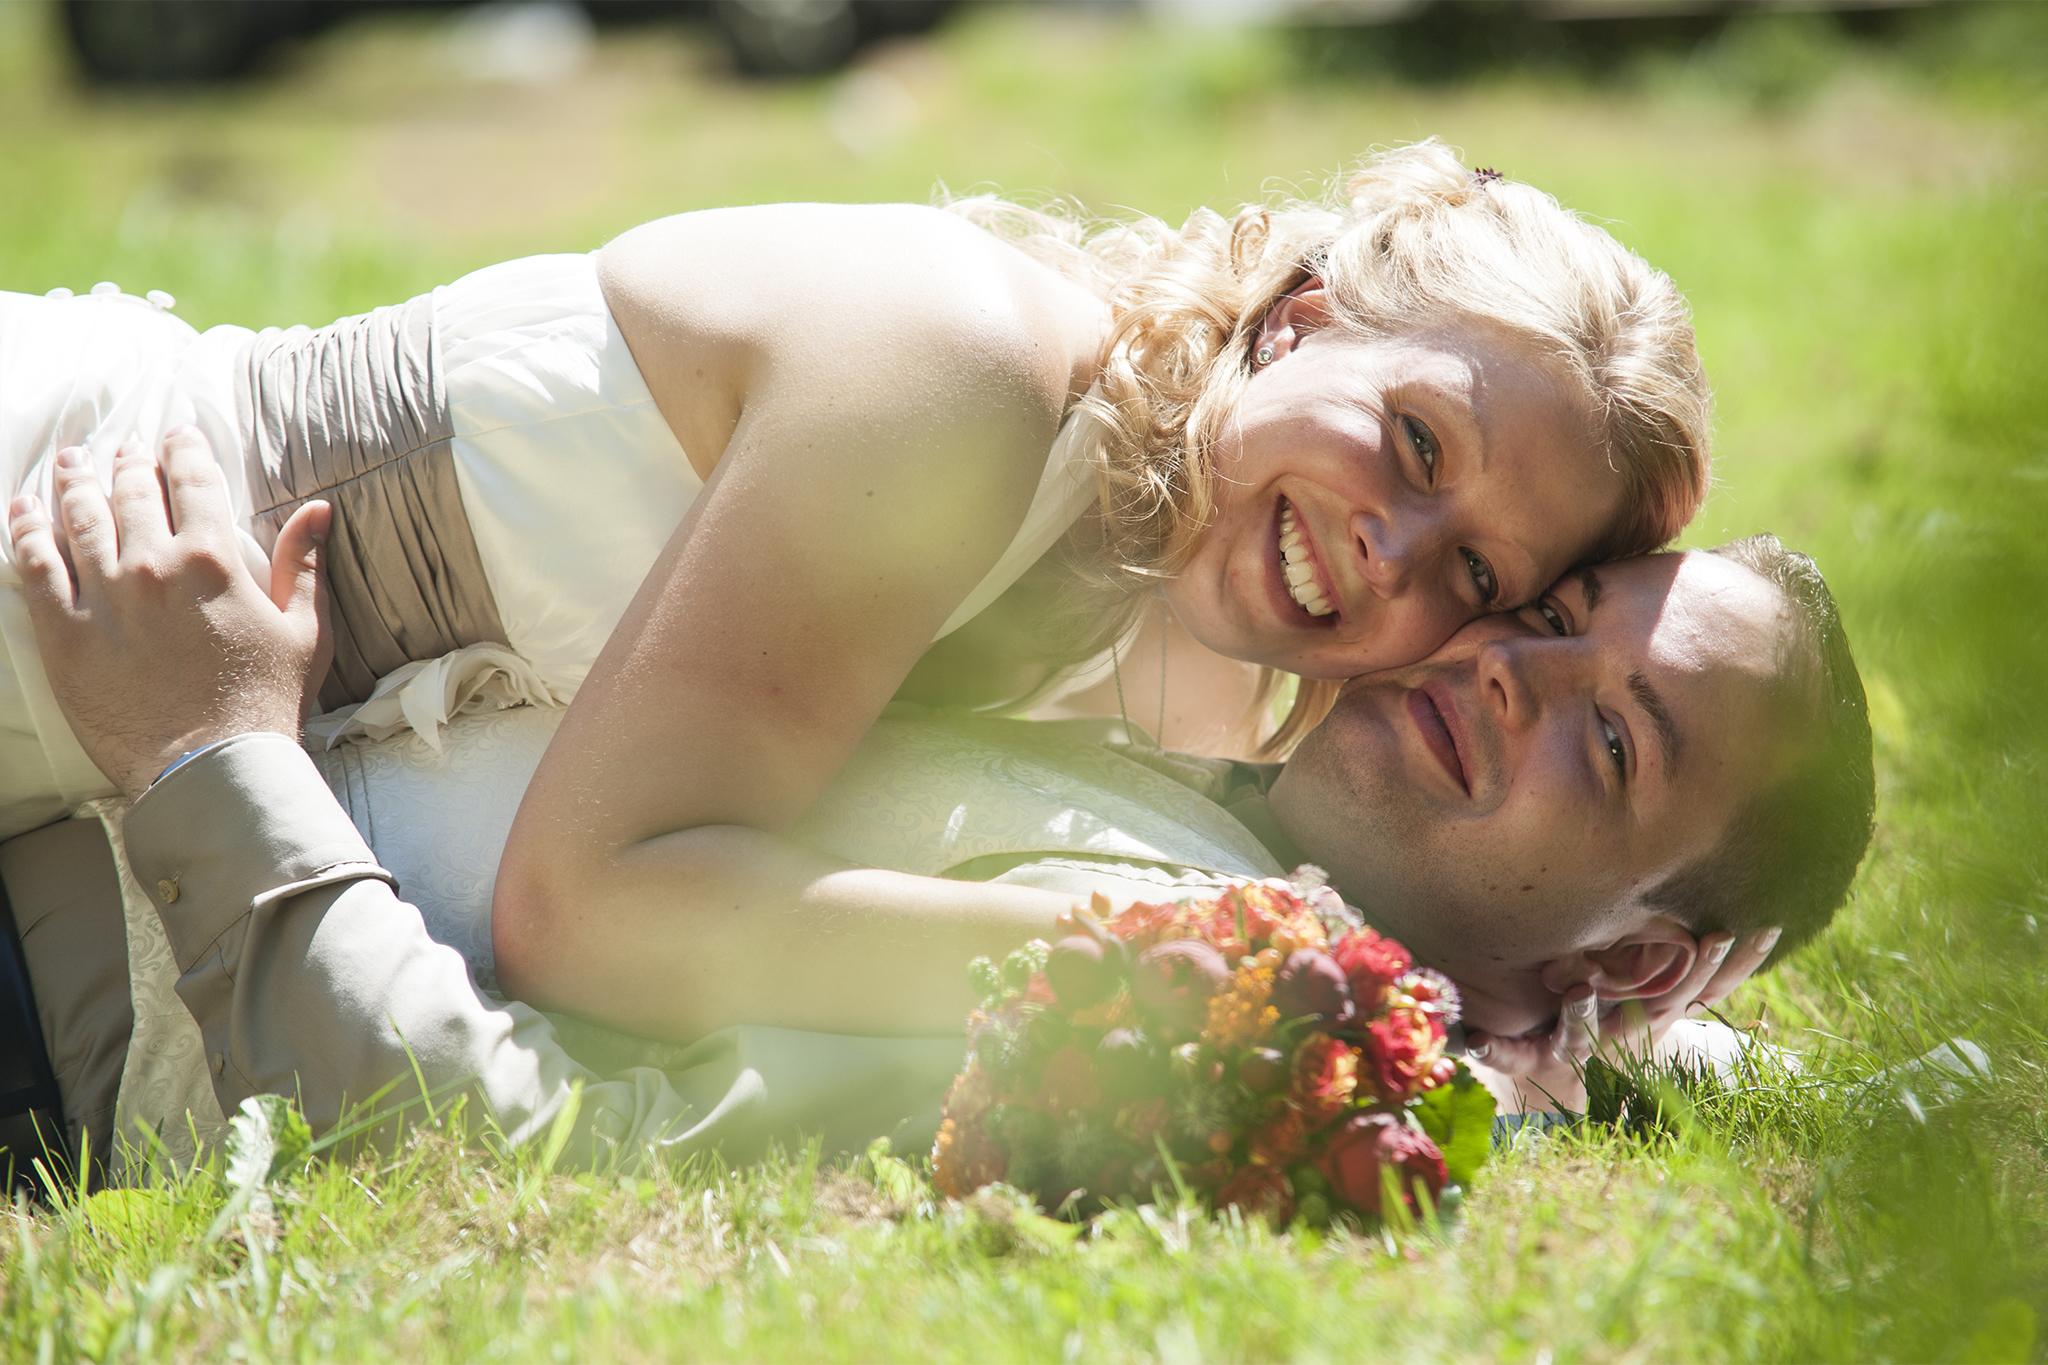 Auf ihrer Hochzeit liegt das glückliches Brautpaar entspannt auf der Wiese